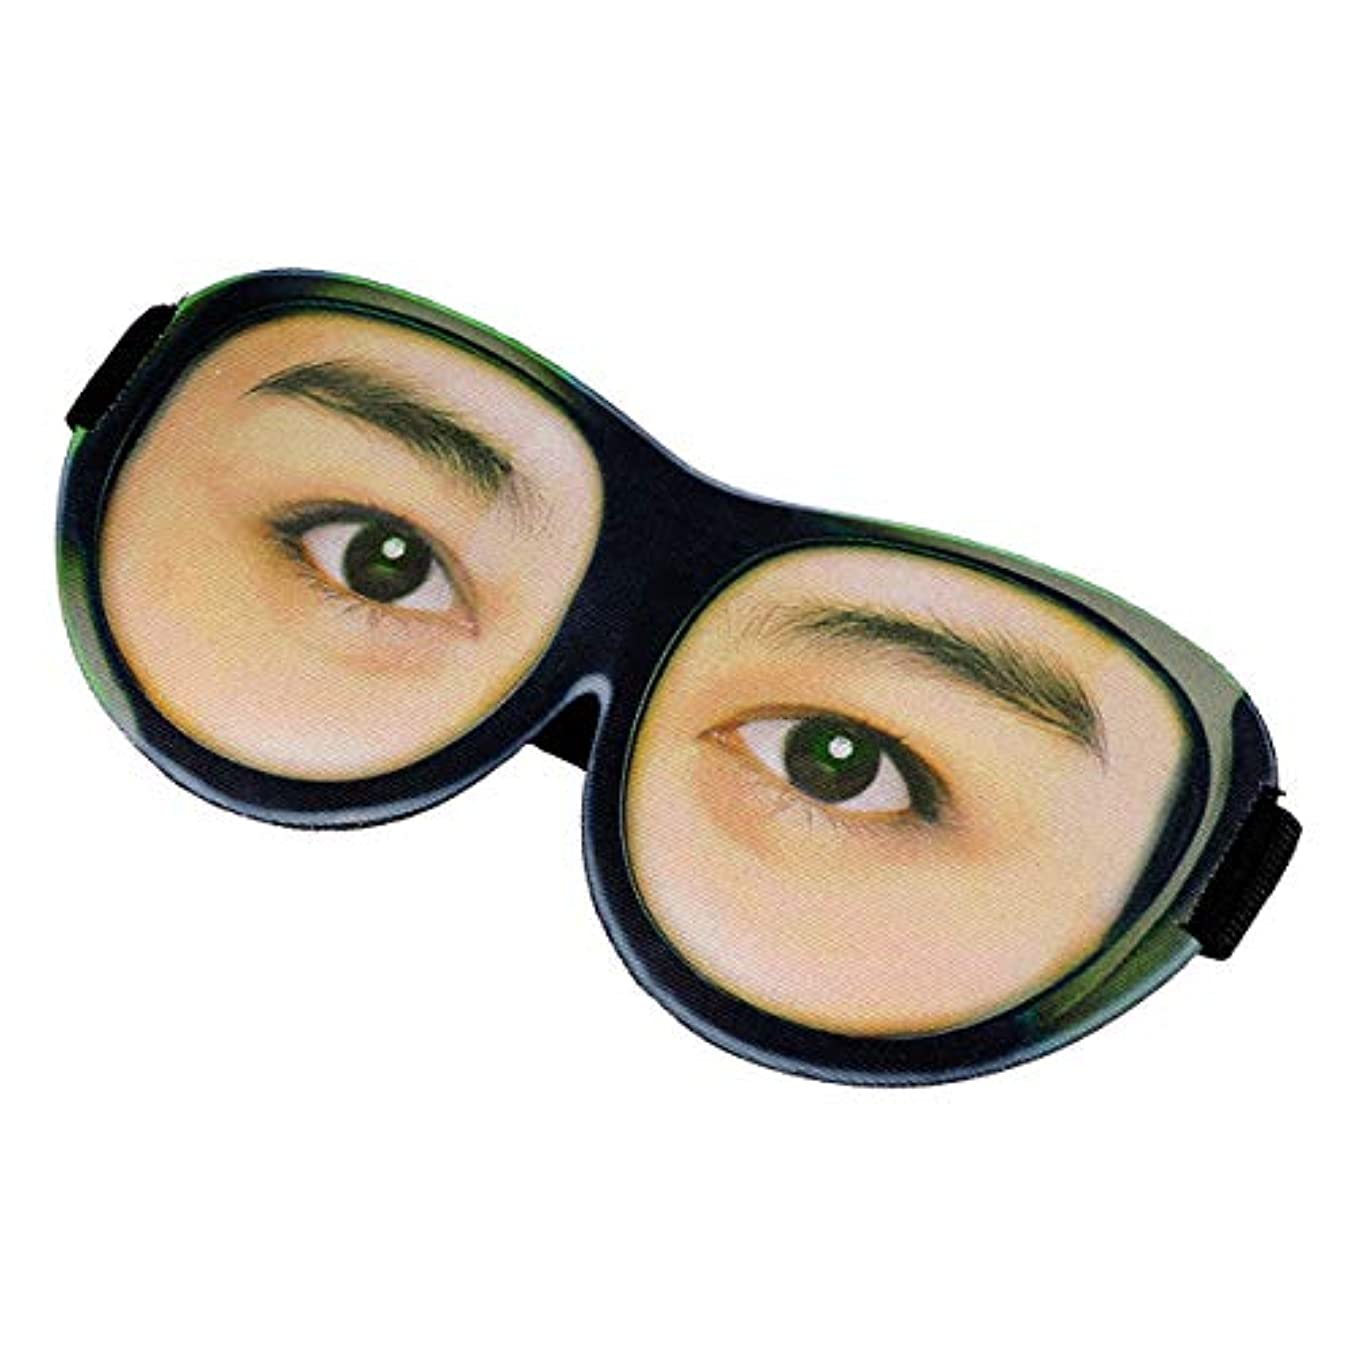 アパル強調起訴するBeaupretty 睡眠マスクメガネ面白い3D調節可能ストラップ付きアイマスクアイシェード睡眠用アイシェード